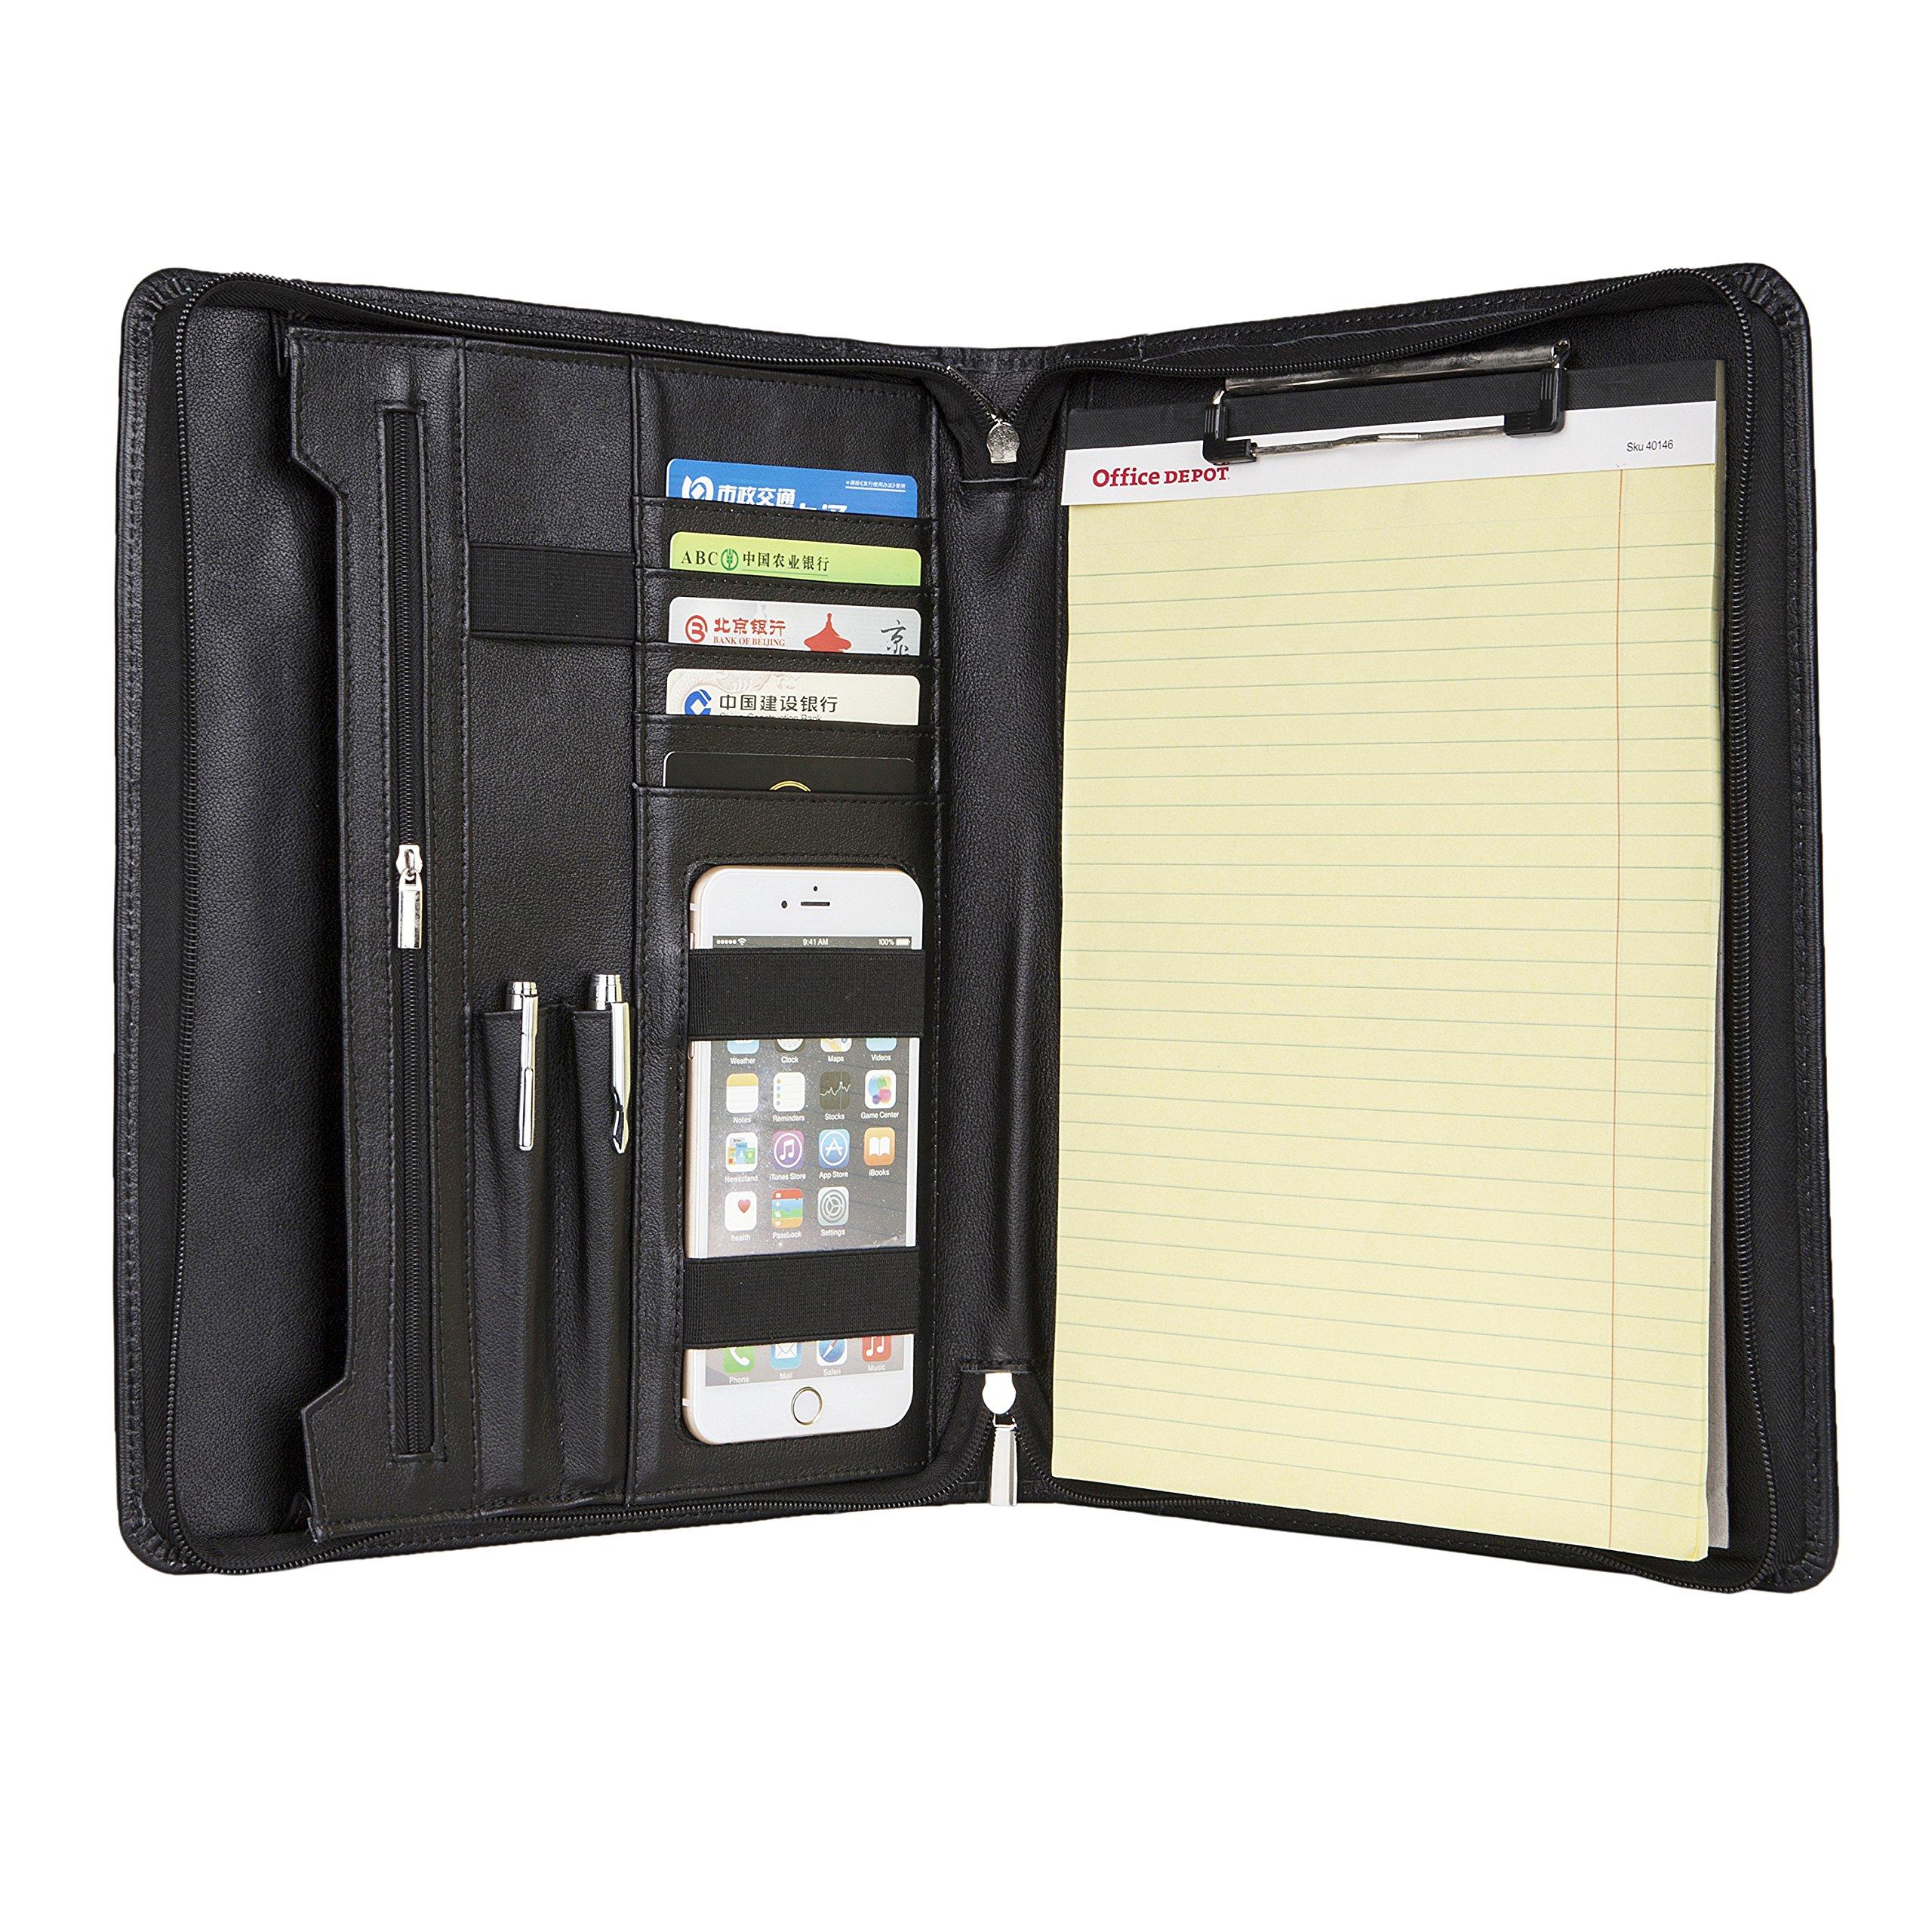 Business Genuine Leather Portfolio Folder, Soft Leather Padfolio ,Pocket for iPad Pro 12.9 and Miscrosoft Surface Pro3/4/5